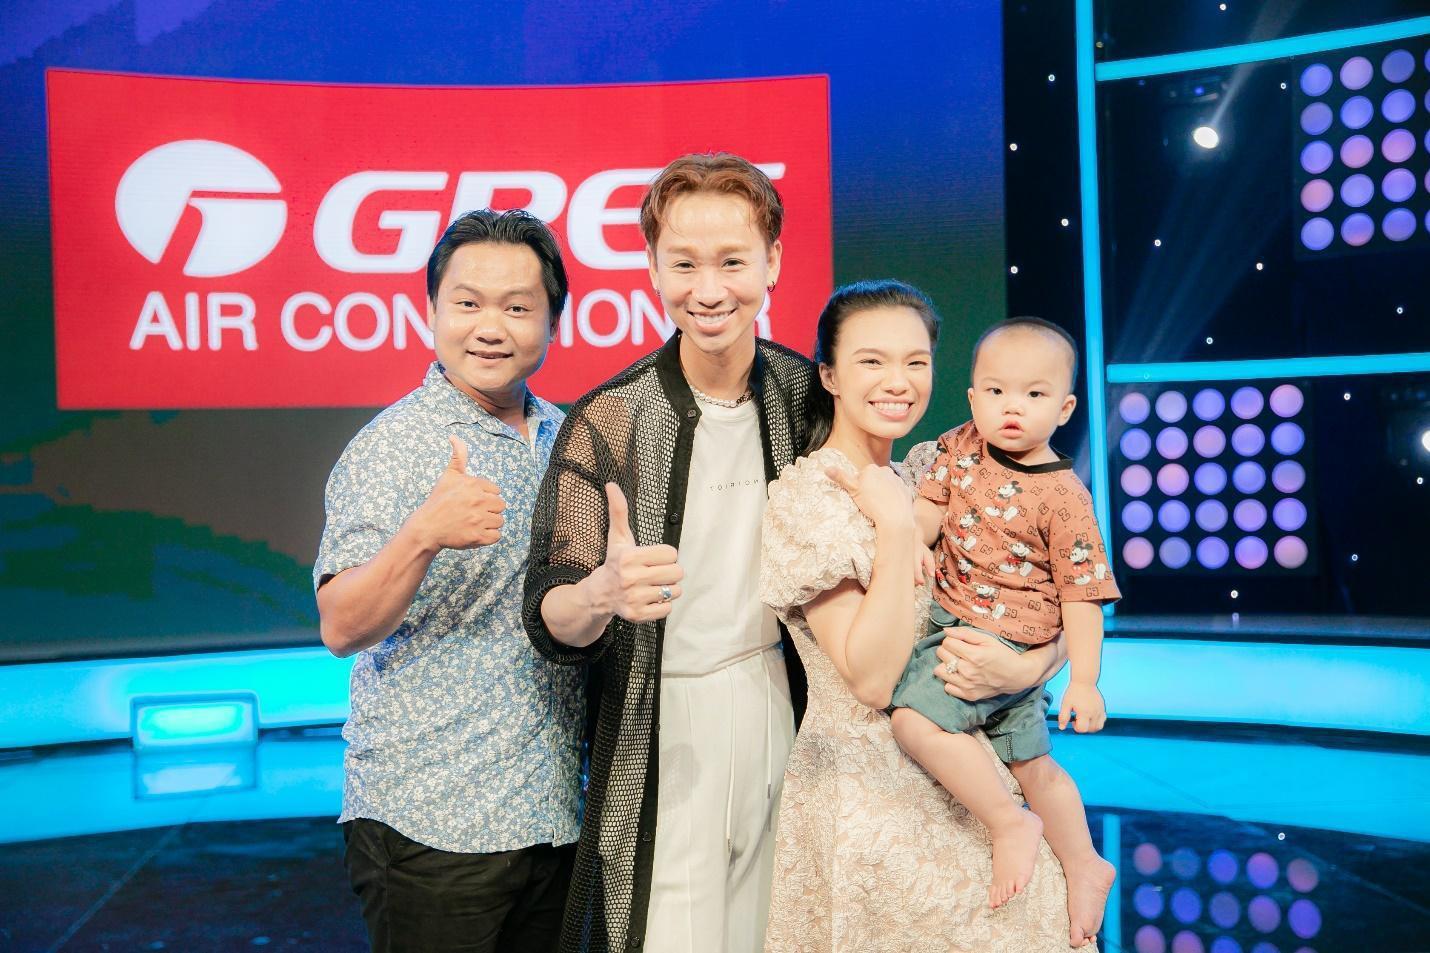 """Chơi ăn gian, Hải Triều bị Trịnh Thăng Bình """"dạy dỗ"""" ngay trên sóng truyền hình - Ảnh 5."""